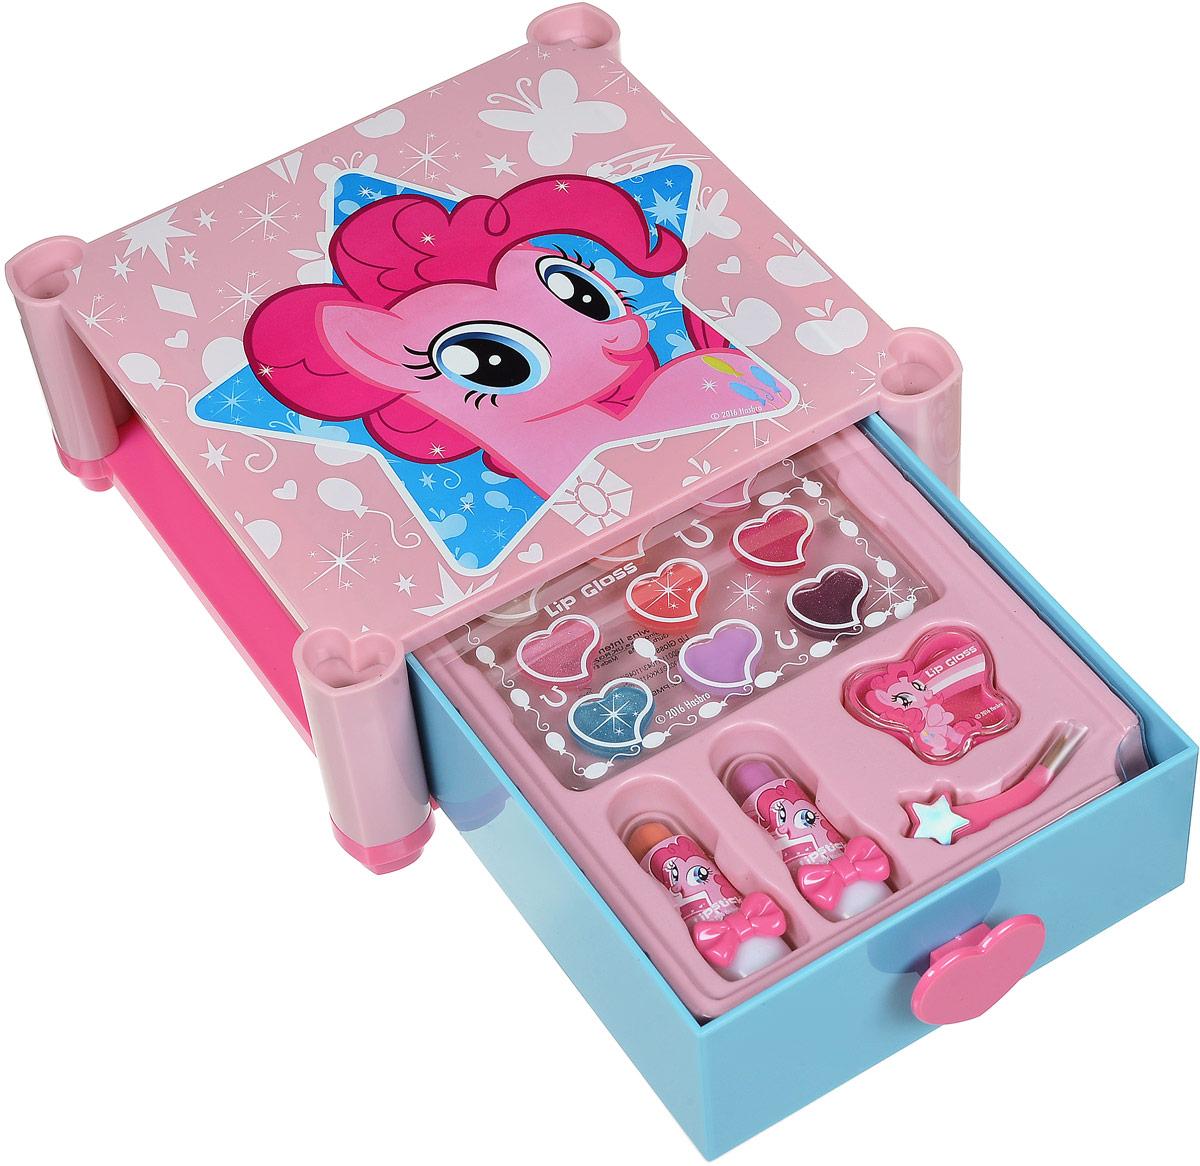 Markwins Игровой набор детской декоративной косметики My Little Pony Pinkie Pie libre derm косметика производитель